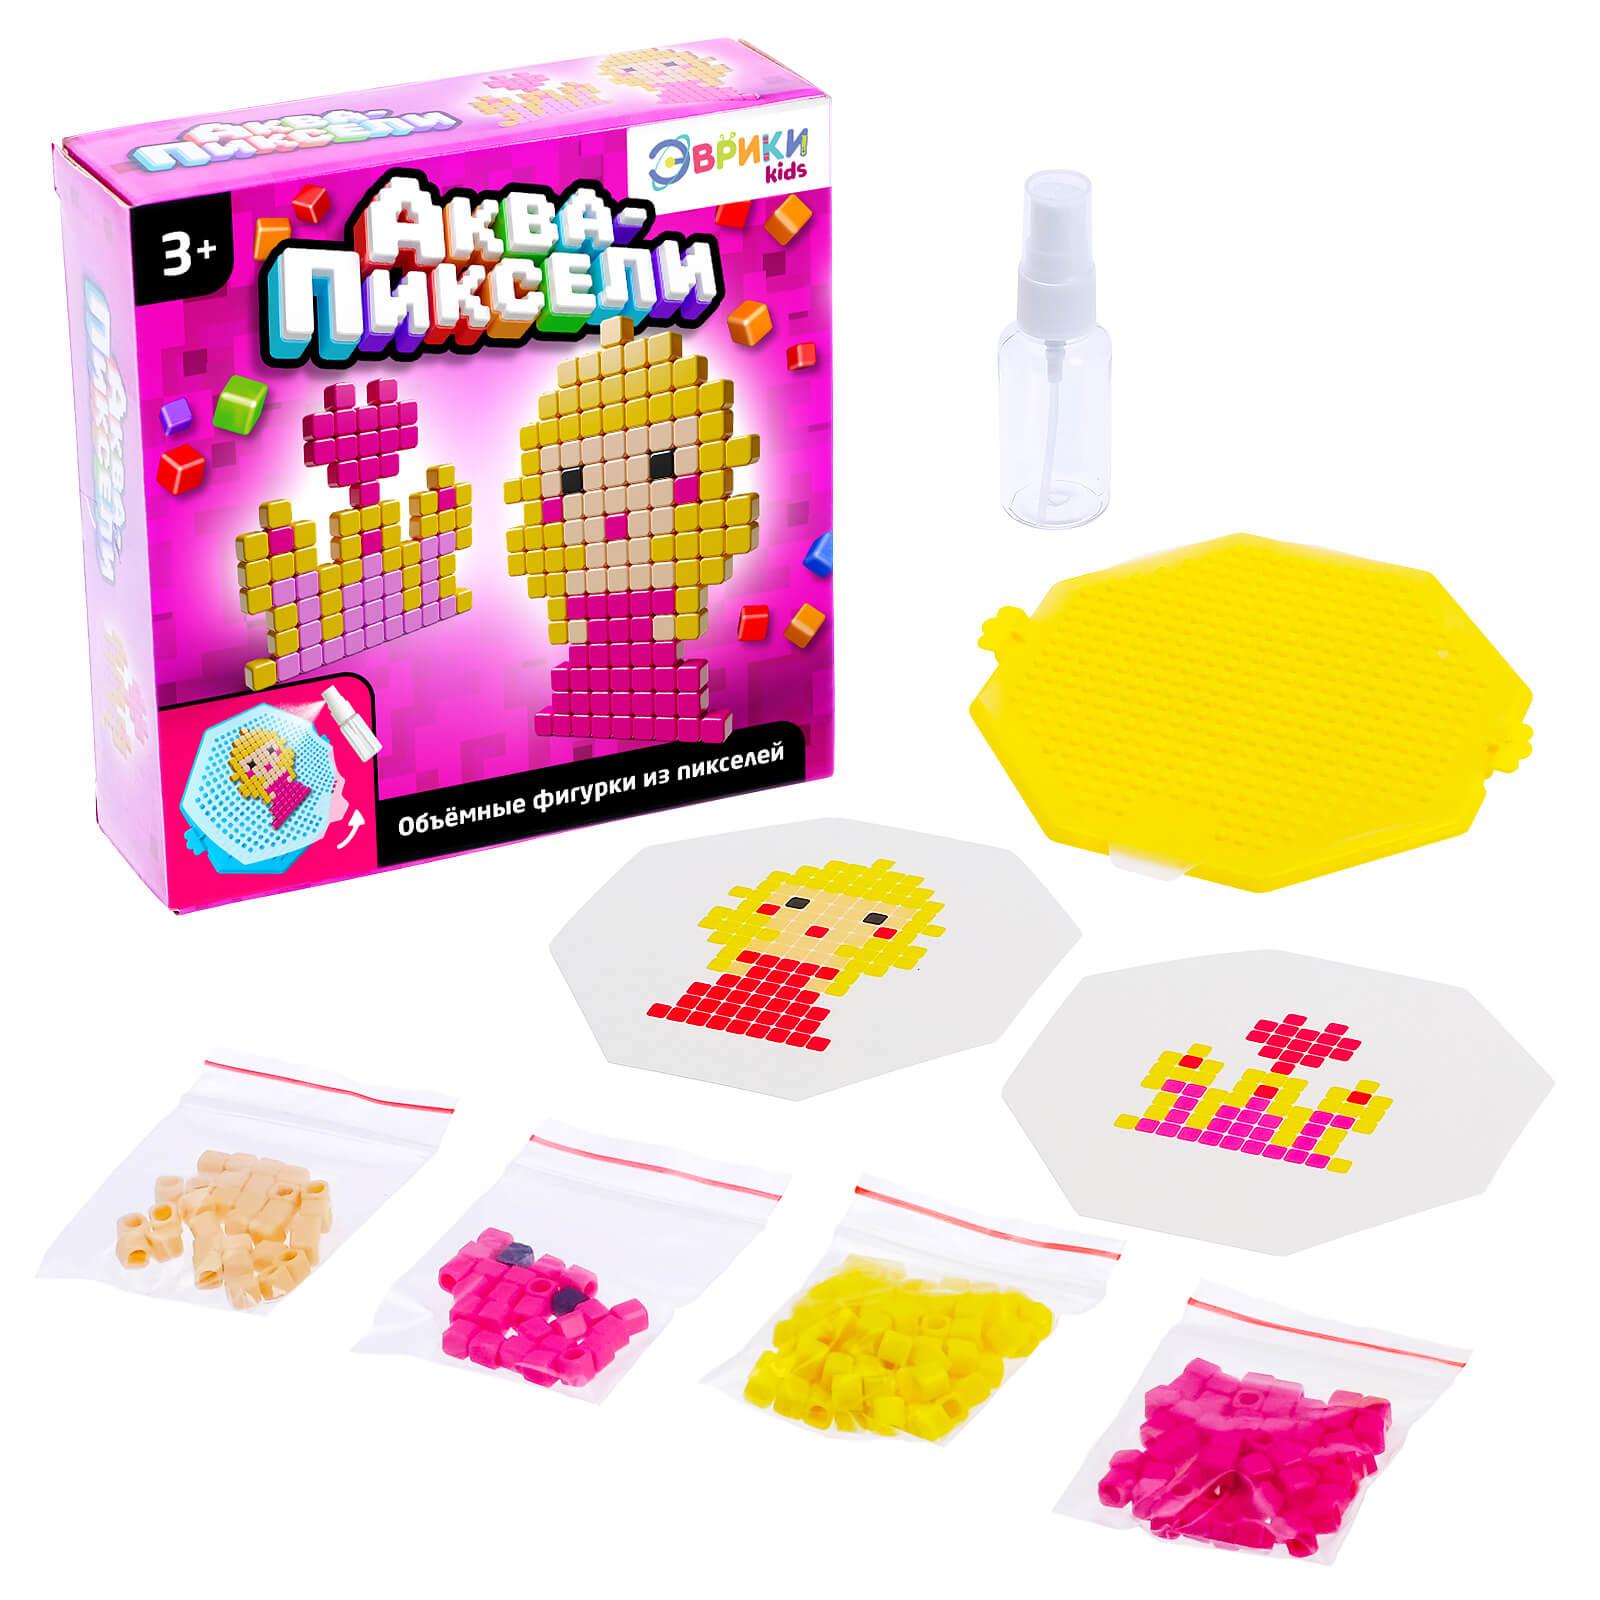 Игровой набор аквапикселей «Для девочек»